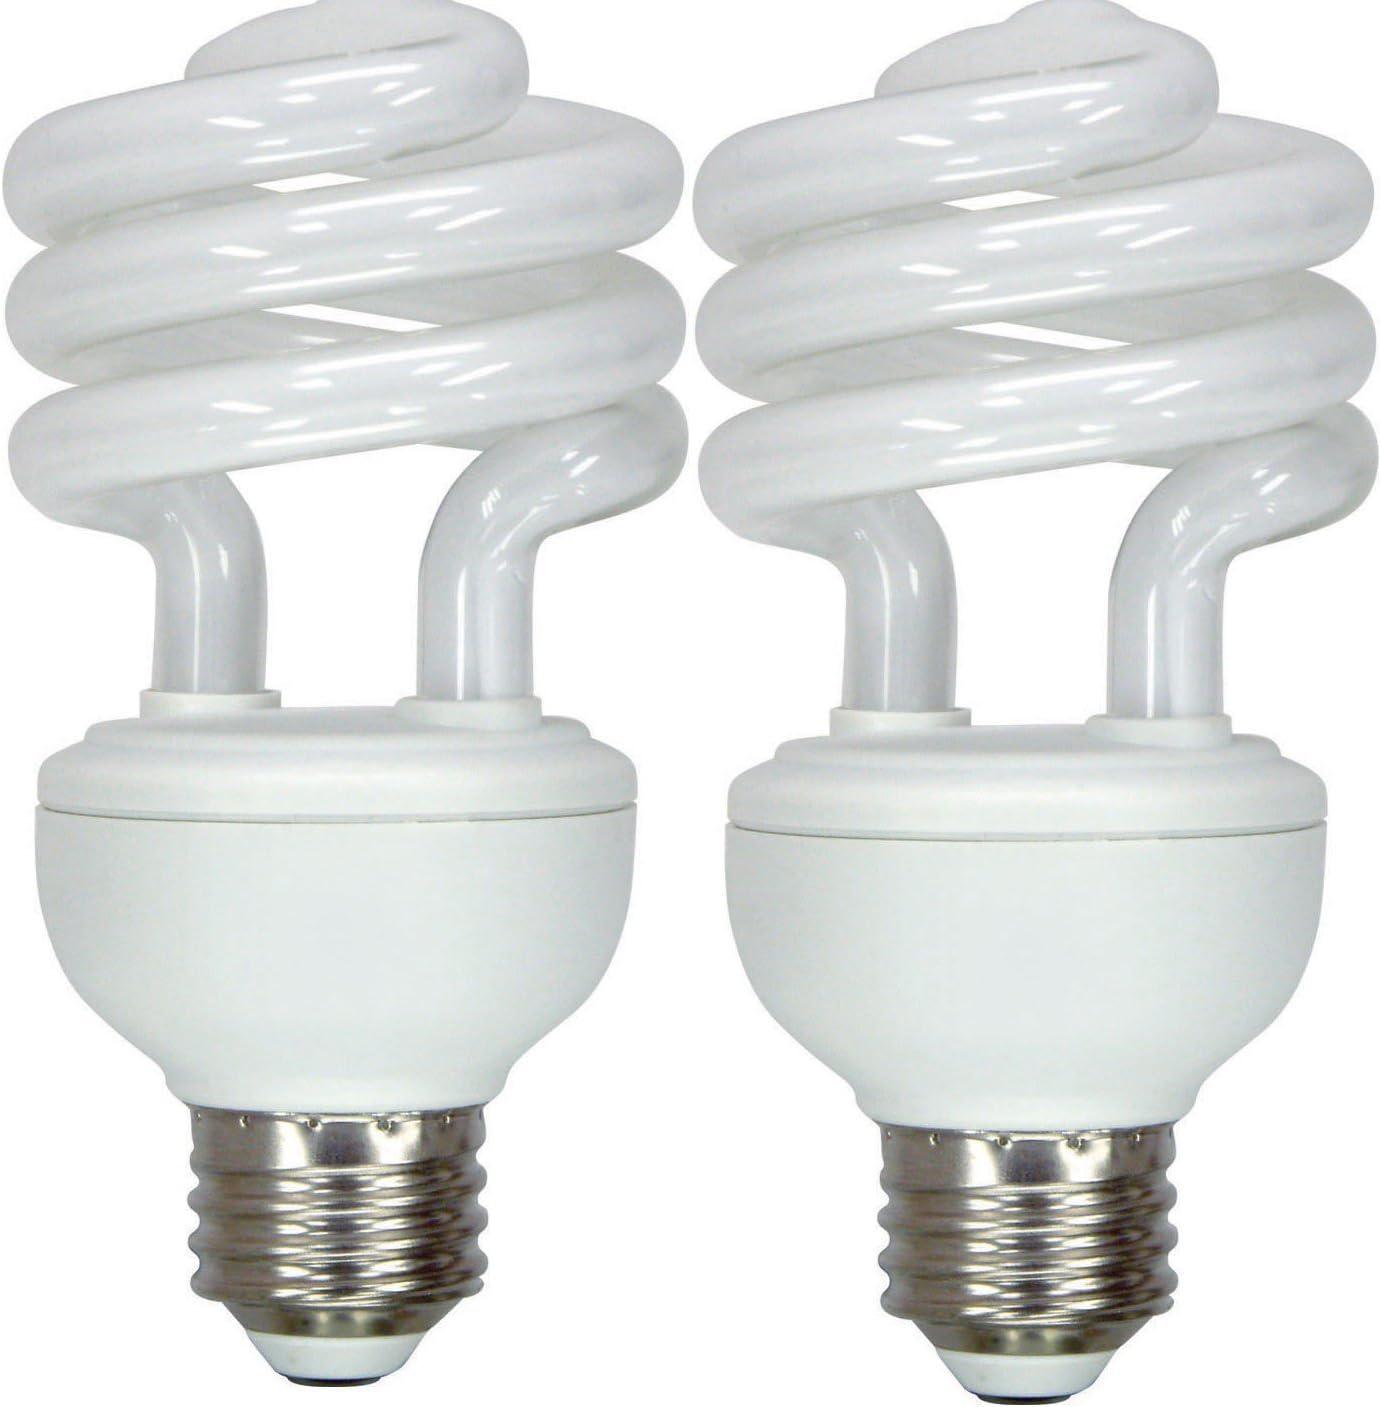 GE Lighting 15519 Energy Smart Spiral CFL 23-Watt (100-watt replacement) 1600-Lumen T3 Spiral Light Bulb with Medium Base, 2-Pack